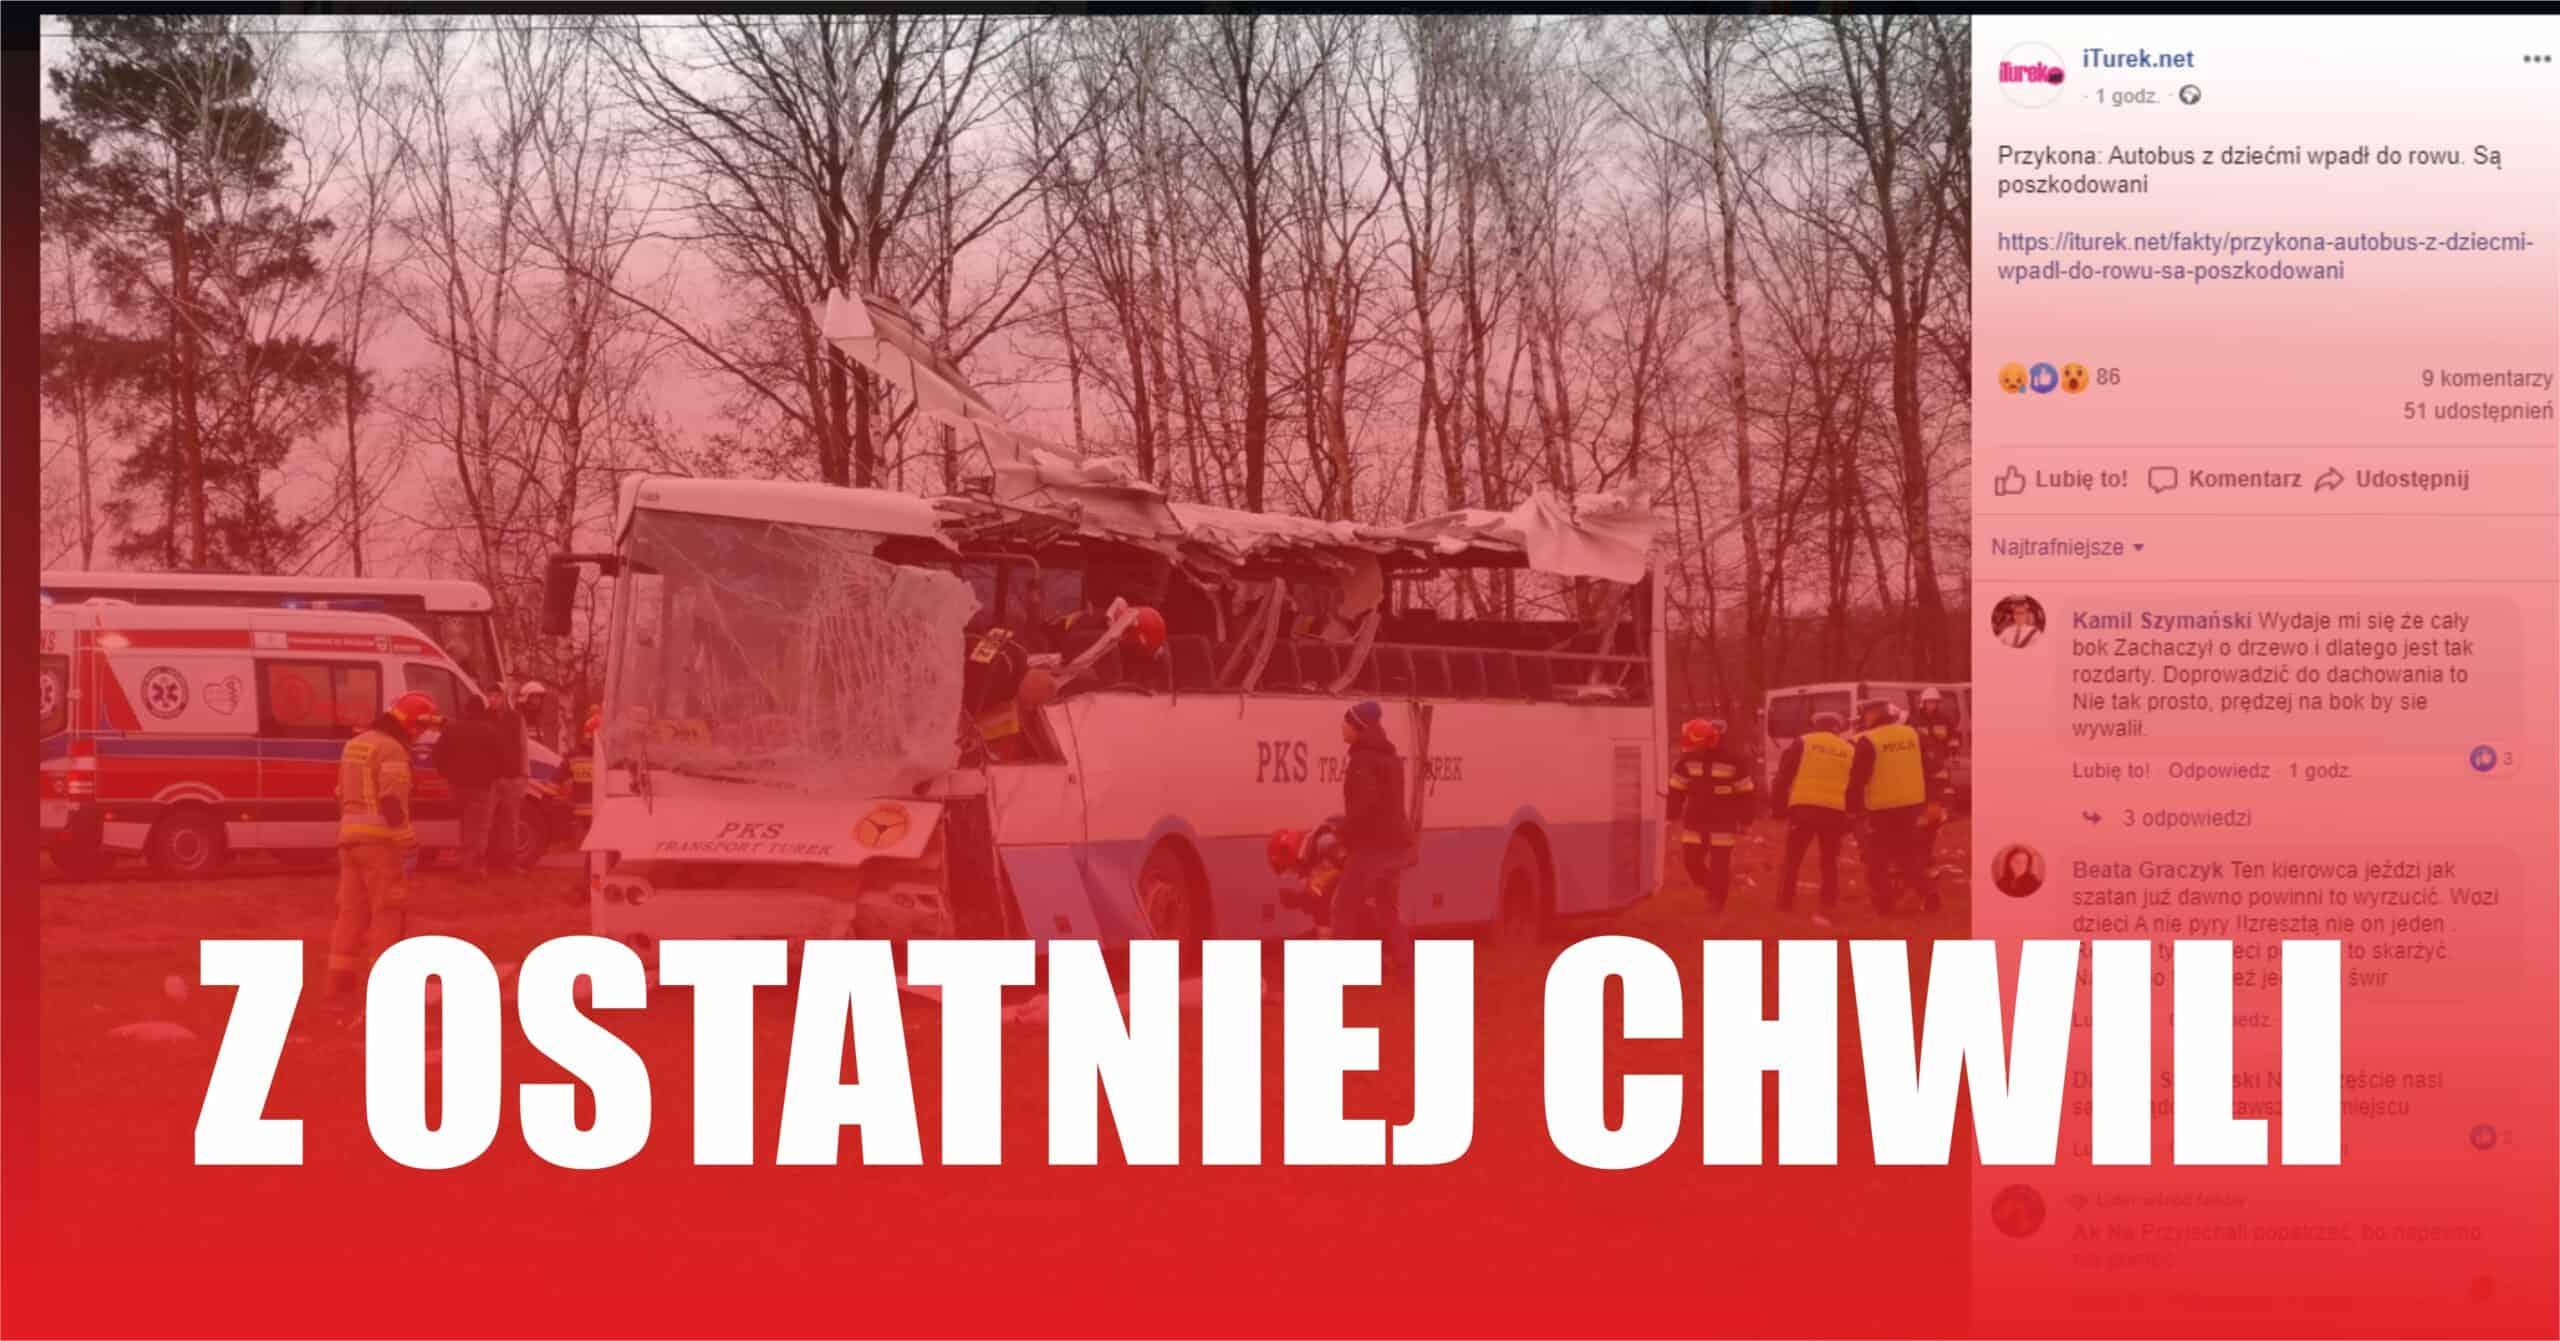 Wypadek szkolnego autobusu w Wielkopolsce, w powiecie tureckim. Wiemy o pieciu poszkodowanych, ranne zostały dzieci. Na miejscu pracuja służby